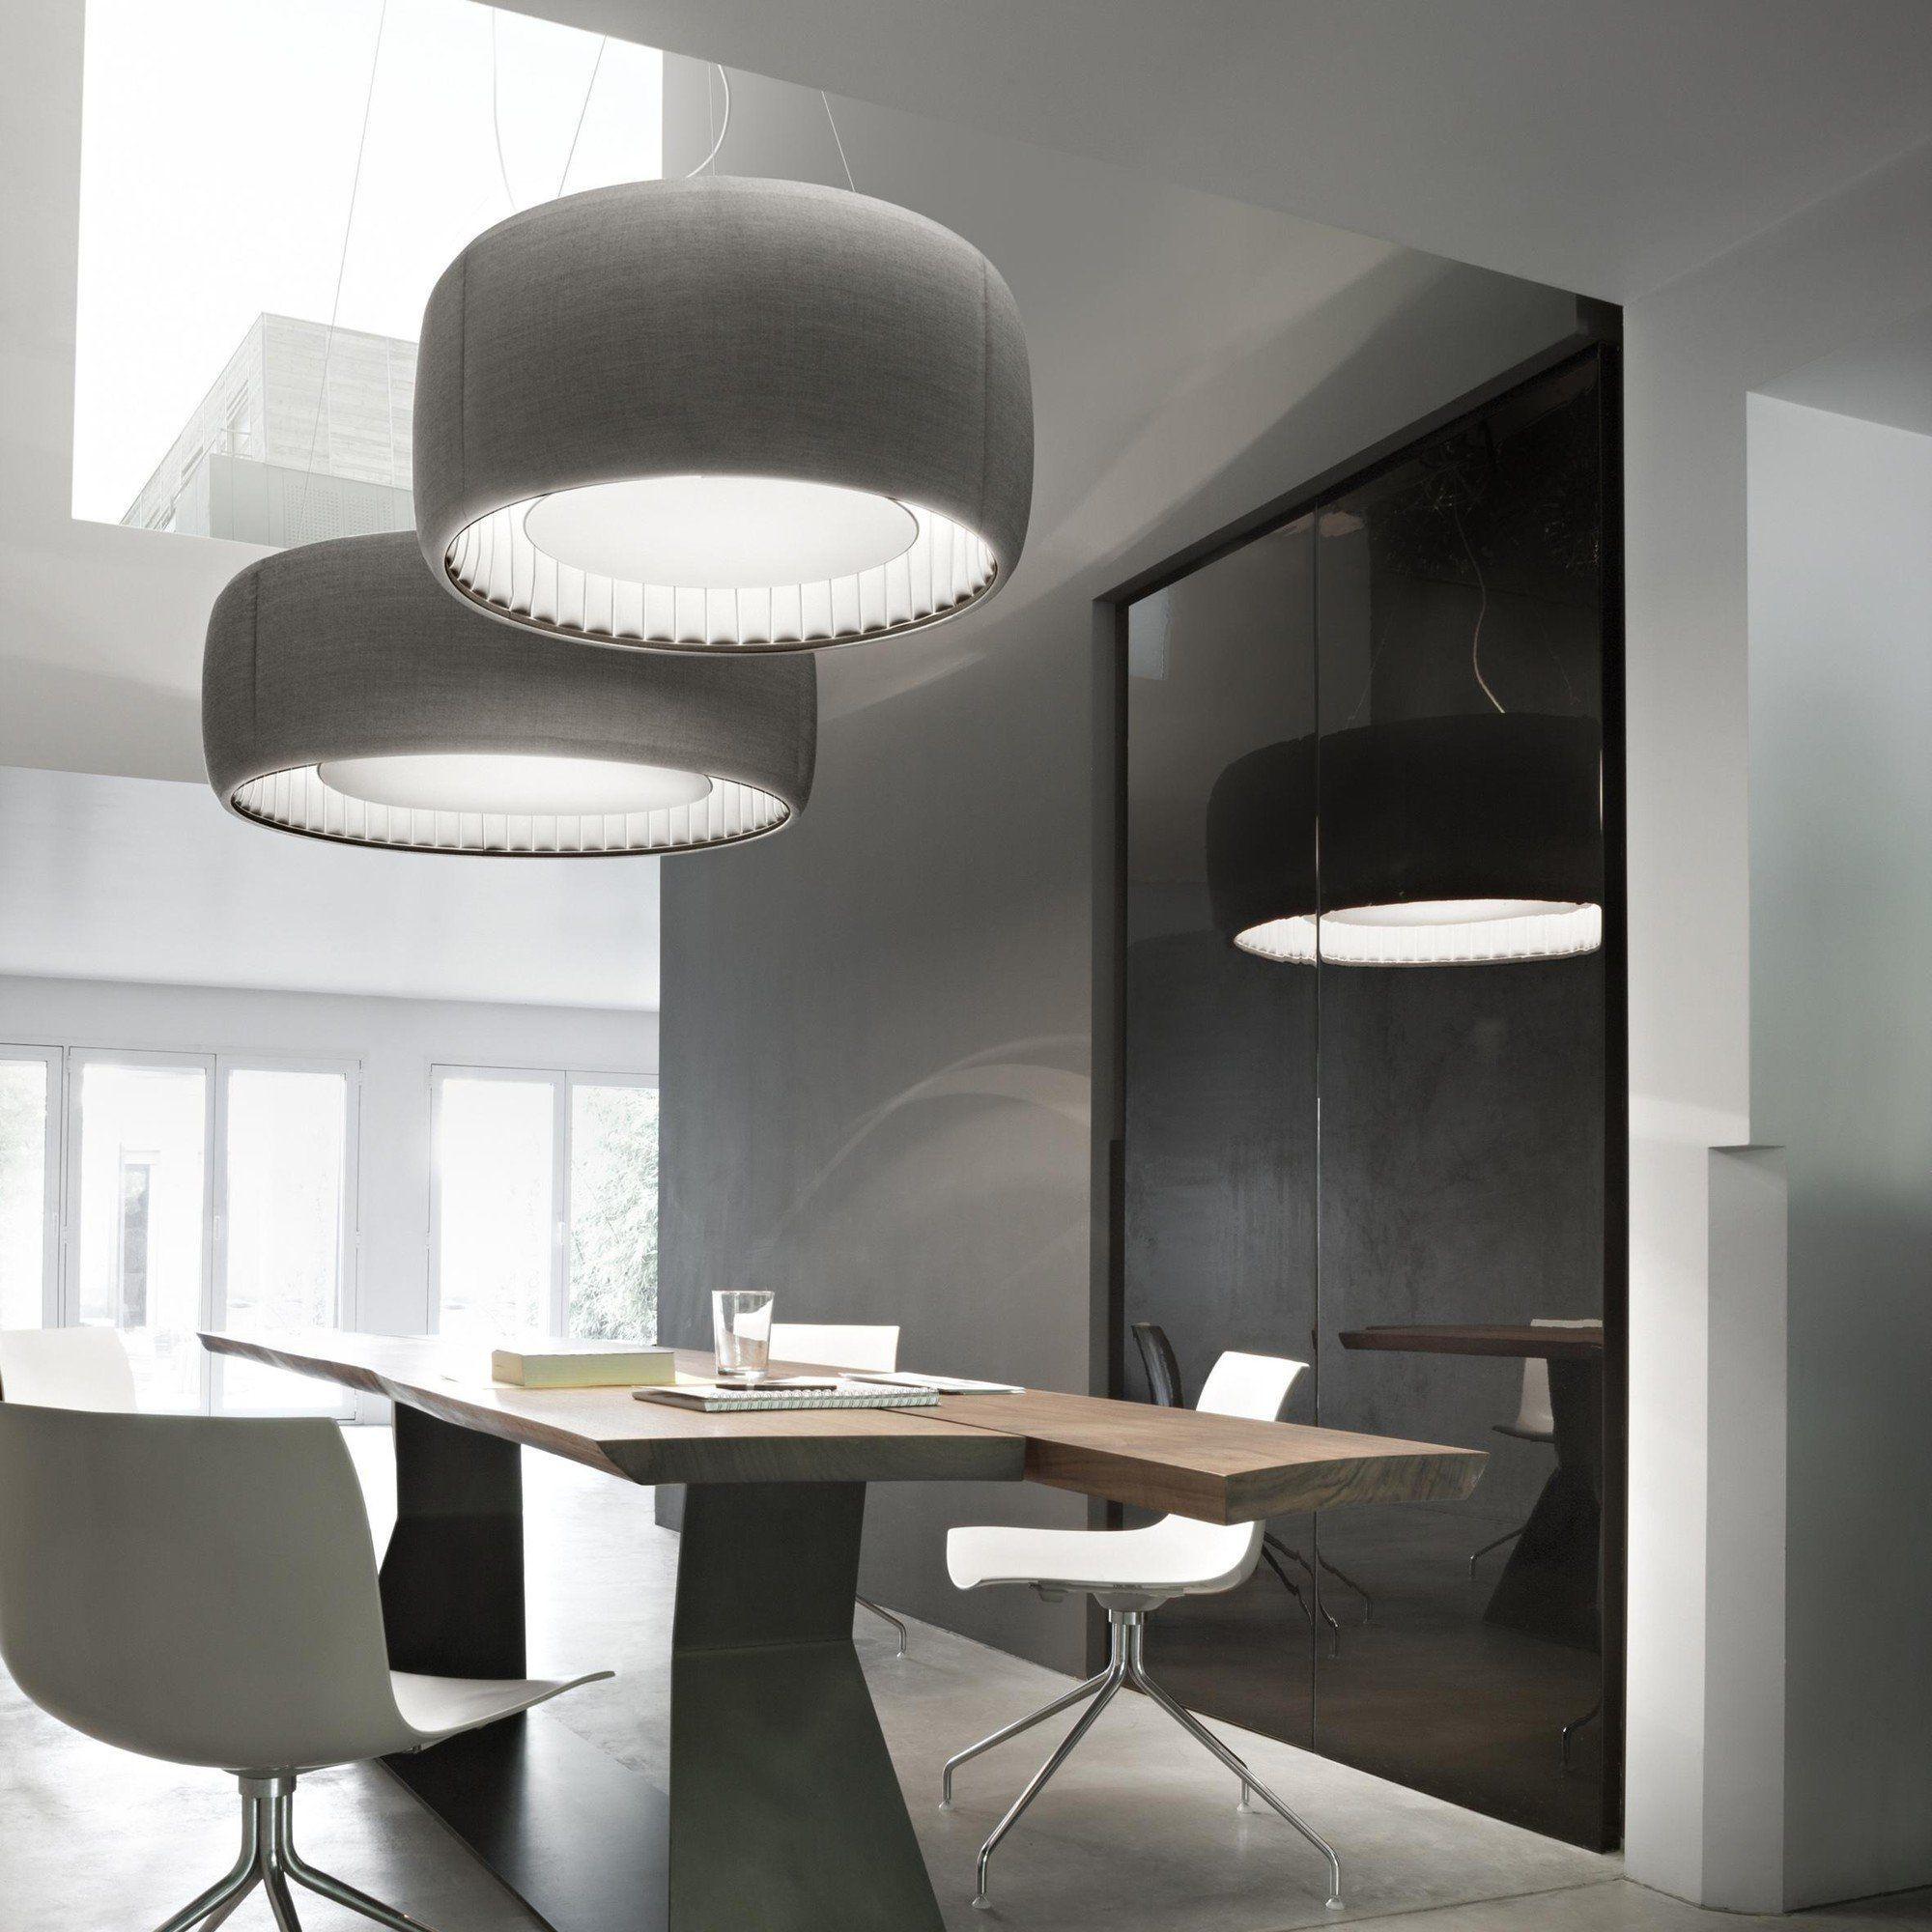 Lampa Luceplan